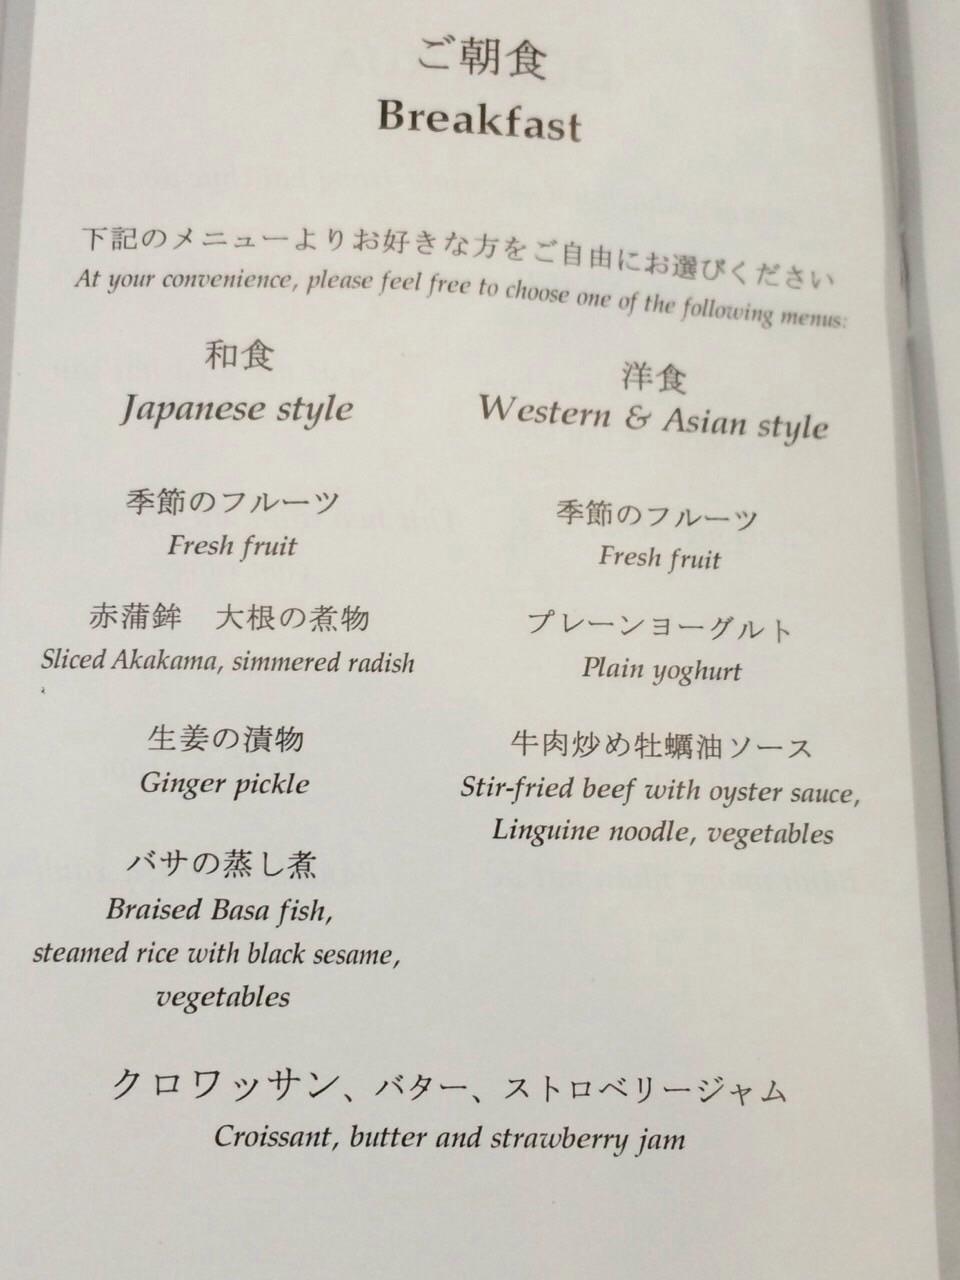 日本語で書かれた朝食メニュー表